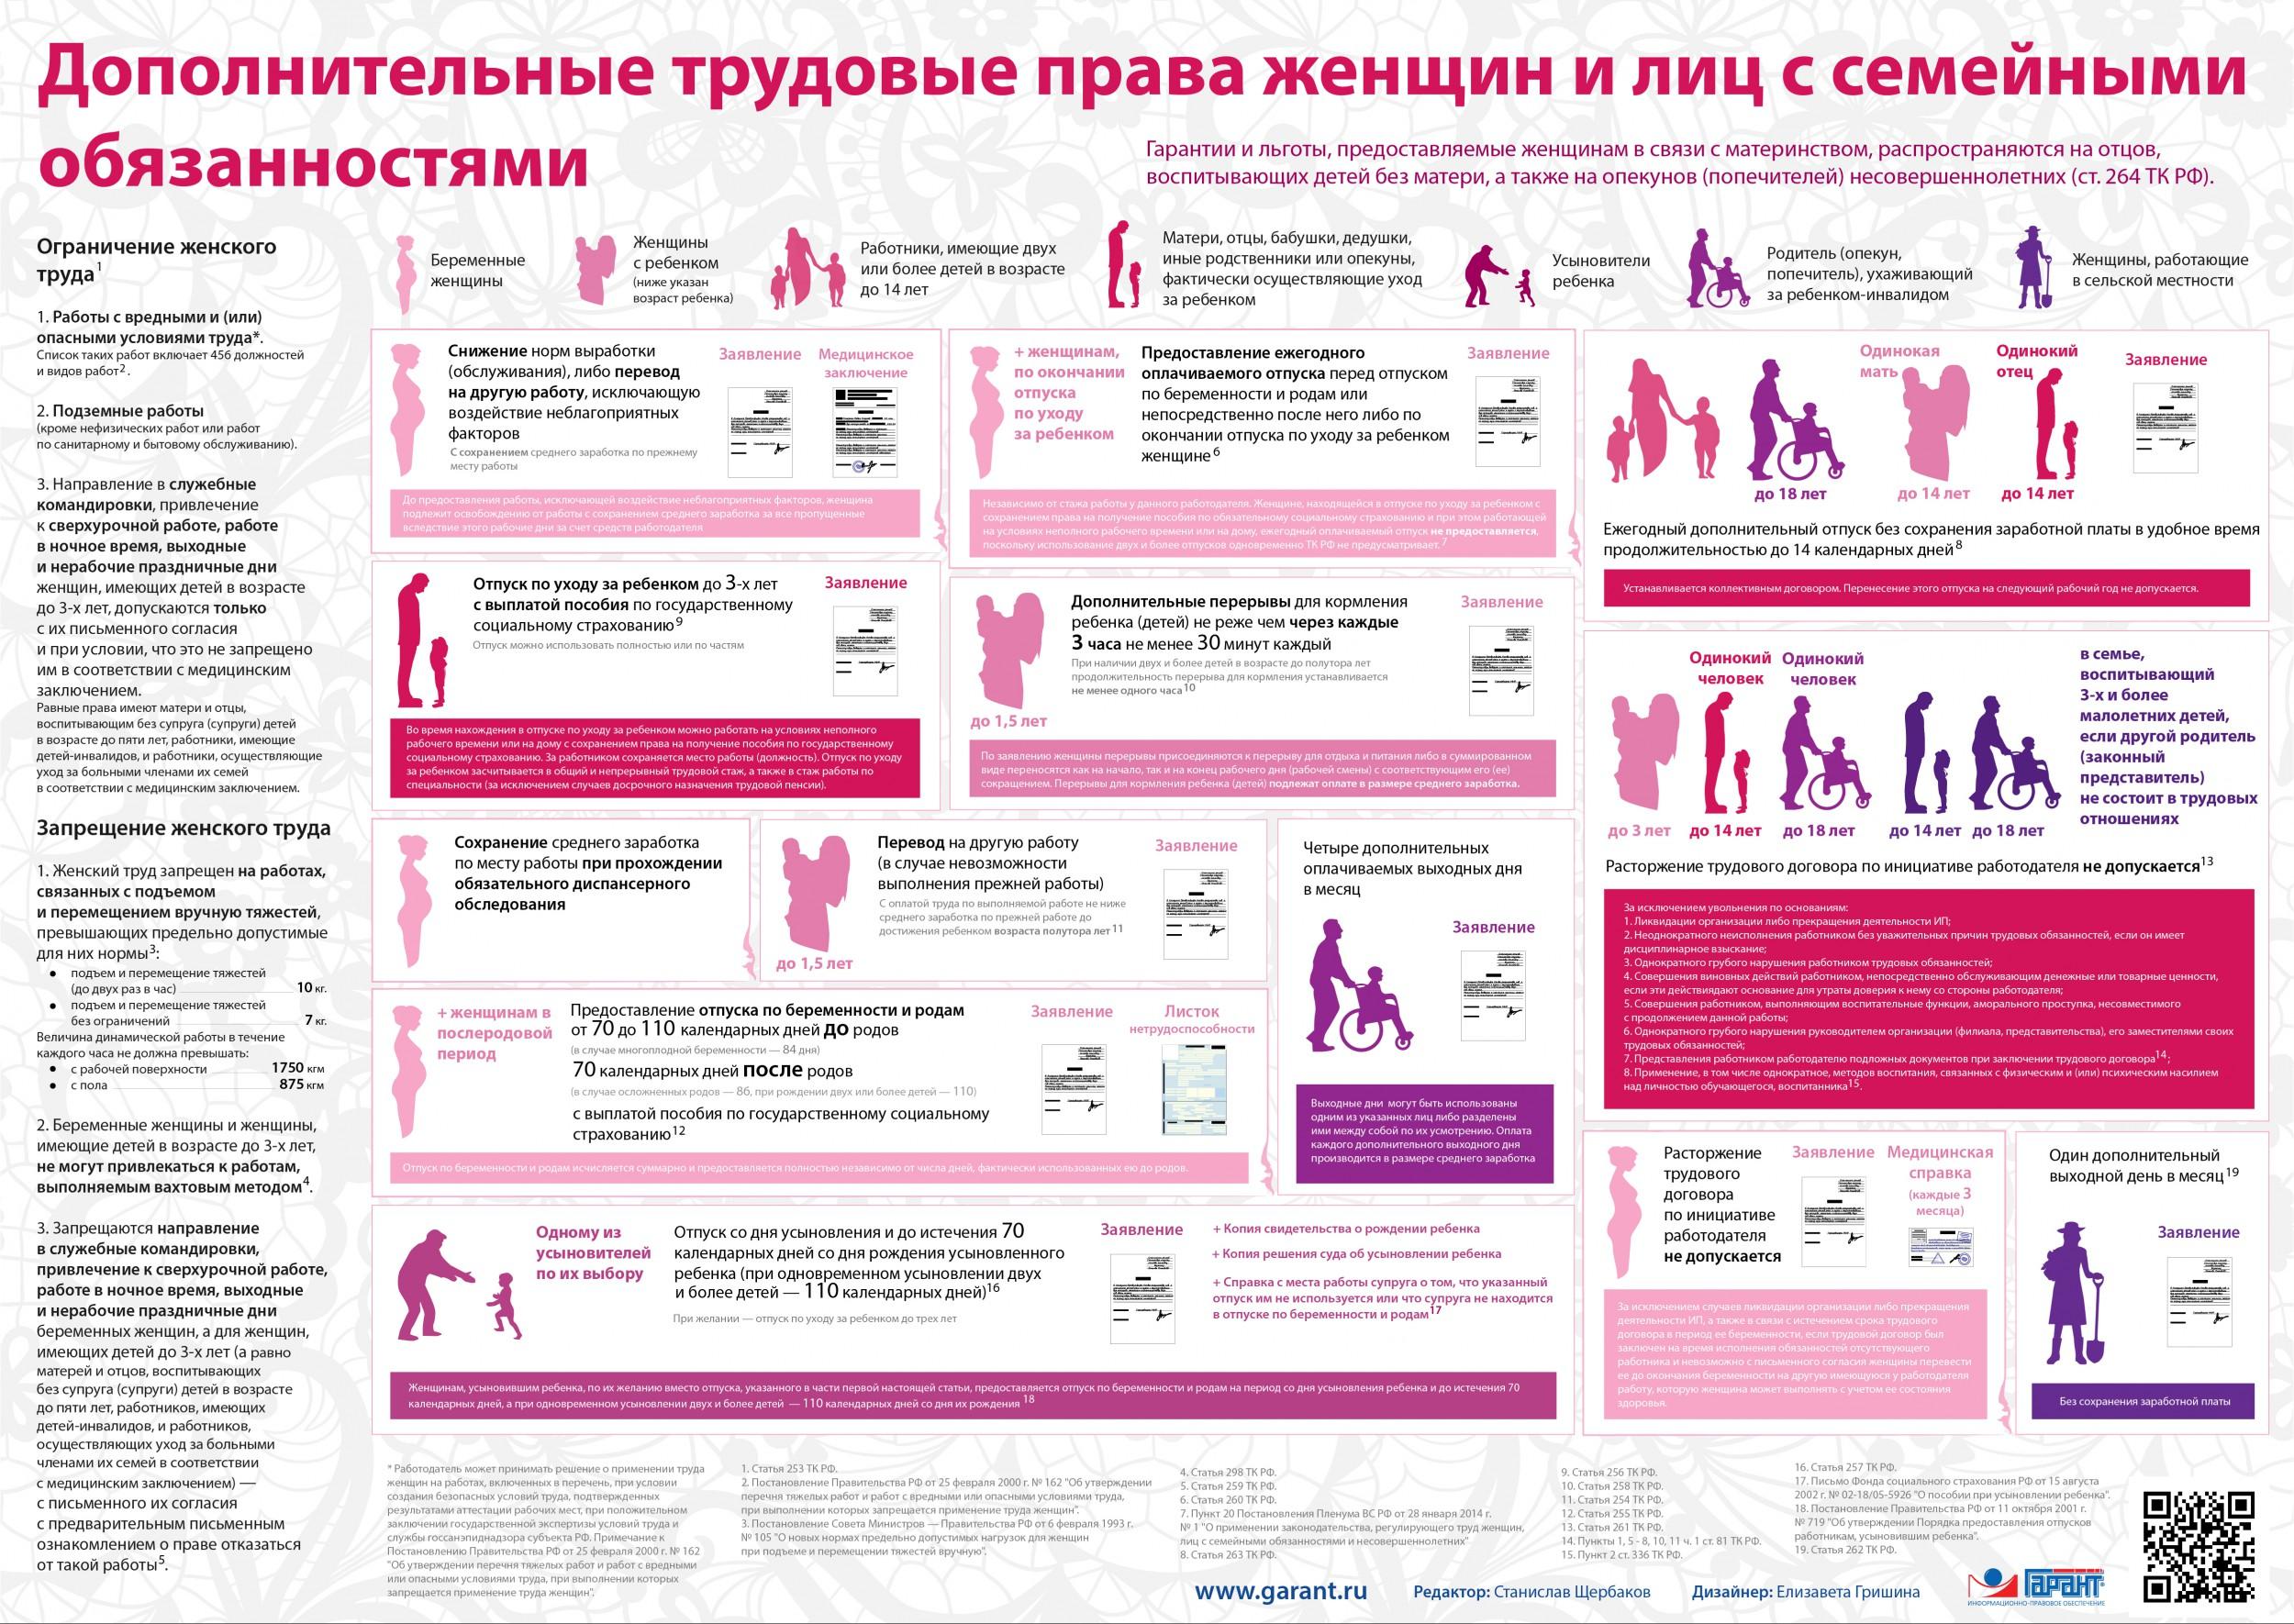 o-primenenii-zakonodatelstva-reguliruyushhego-trud-zhenshhin-licz-s-semejnymi-obyazannostyami-i-nesovershennoletnih-2